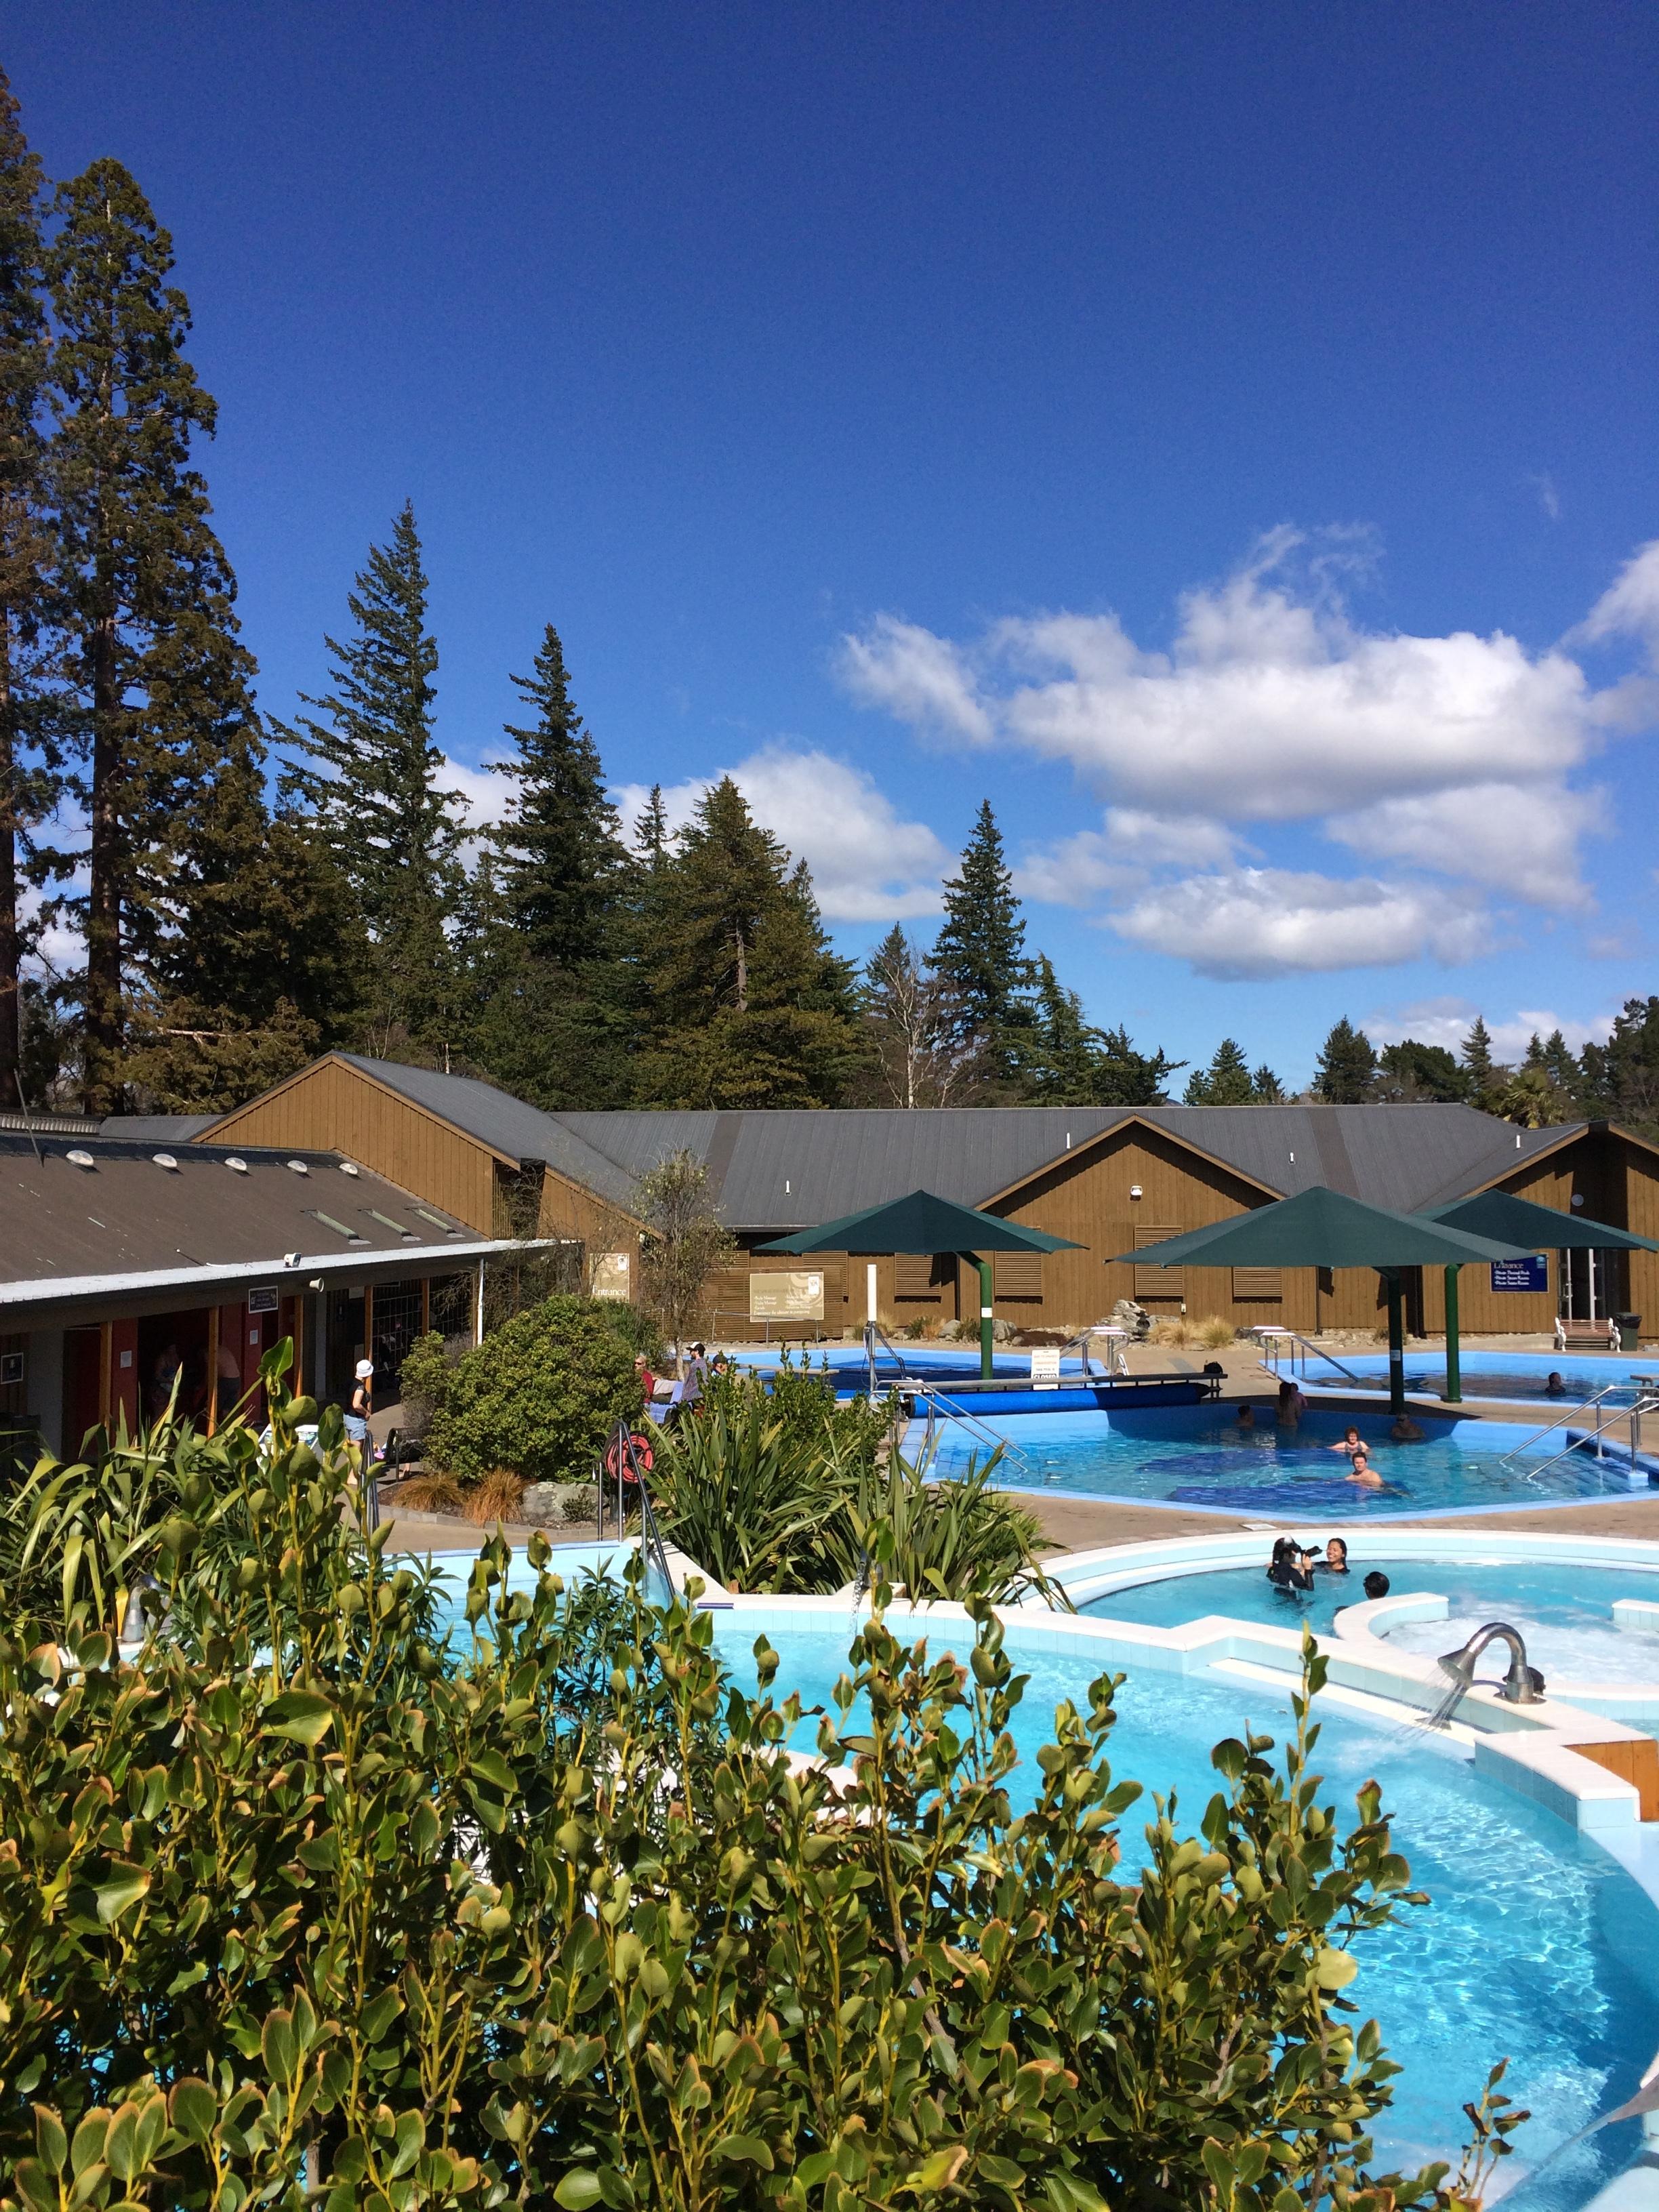 The Hot Pools in Hamner Springs